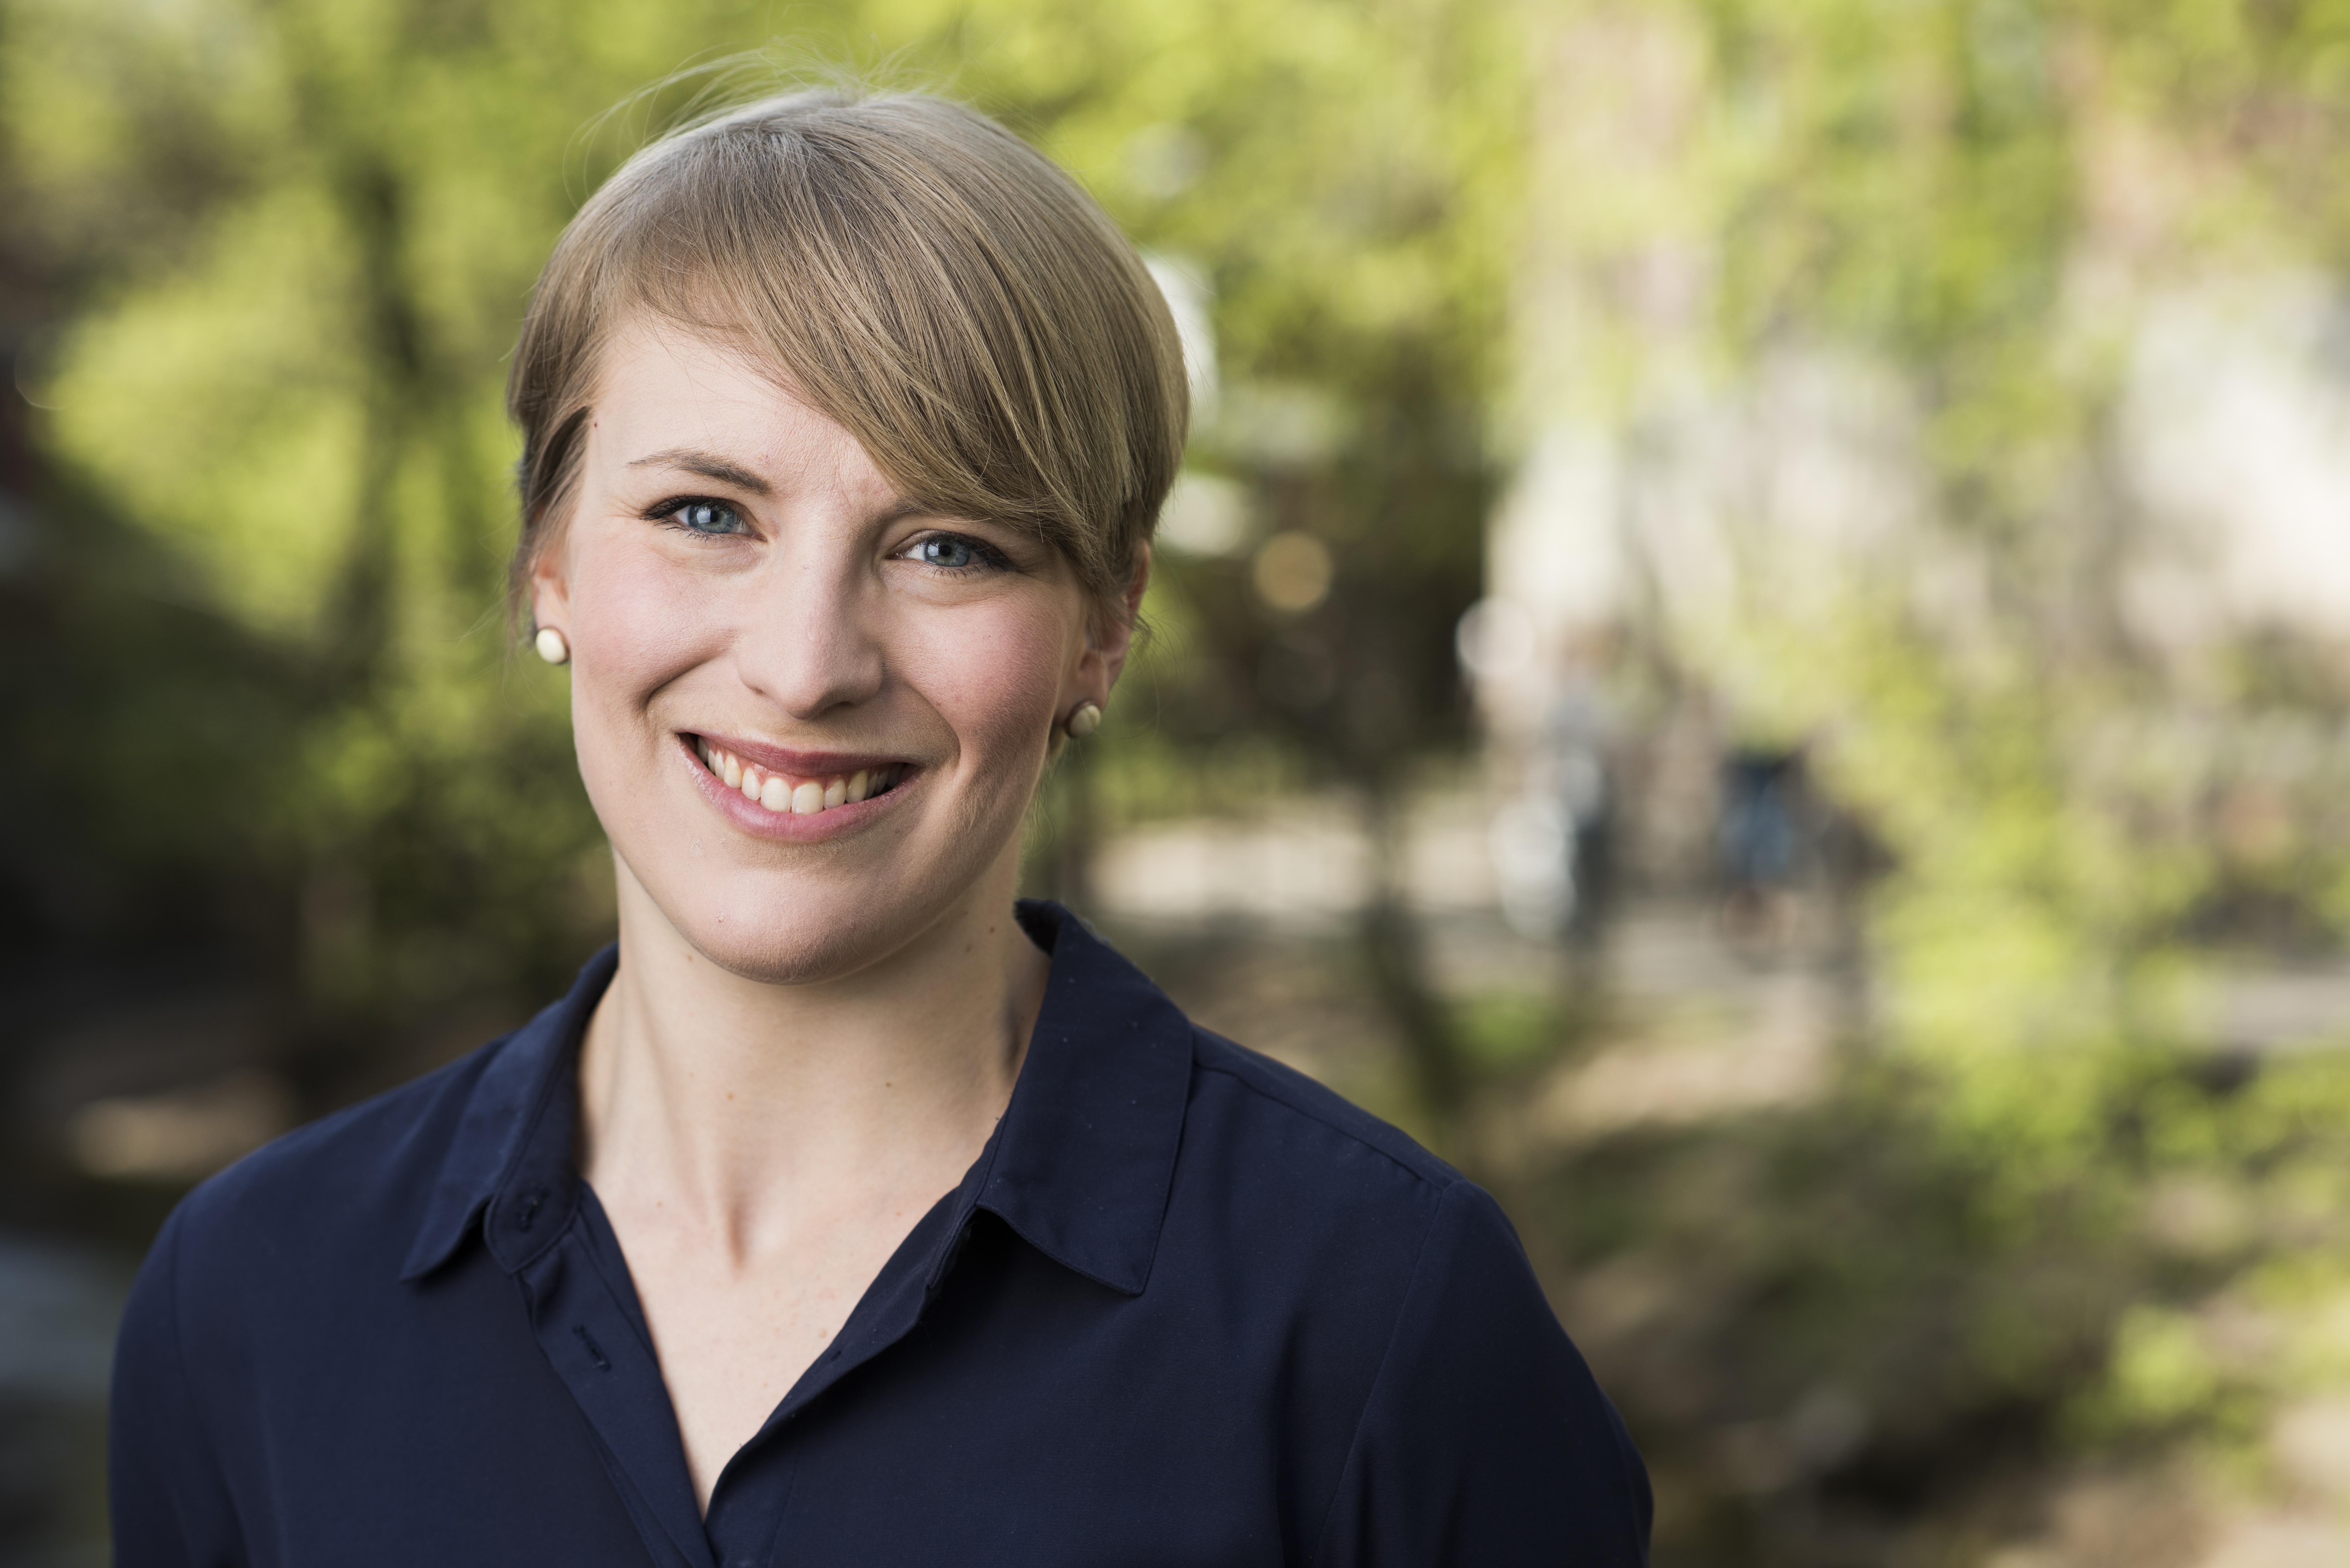 Kari Elisabeth Kaski Wikipedia